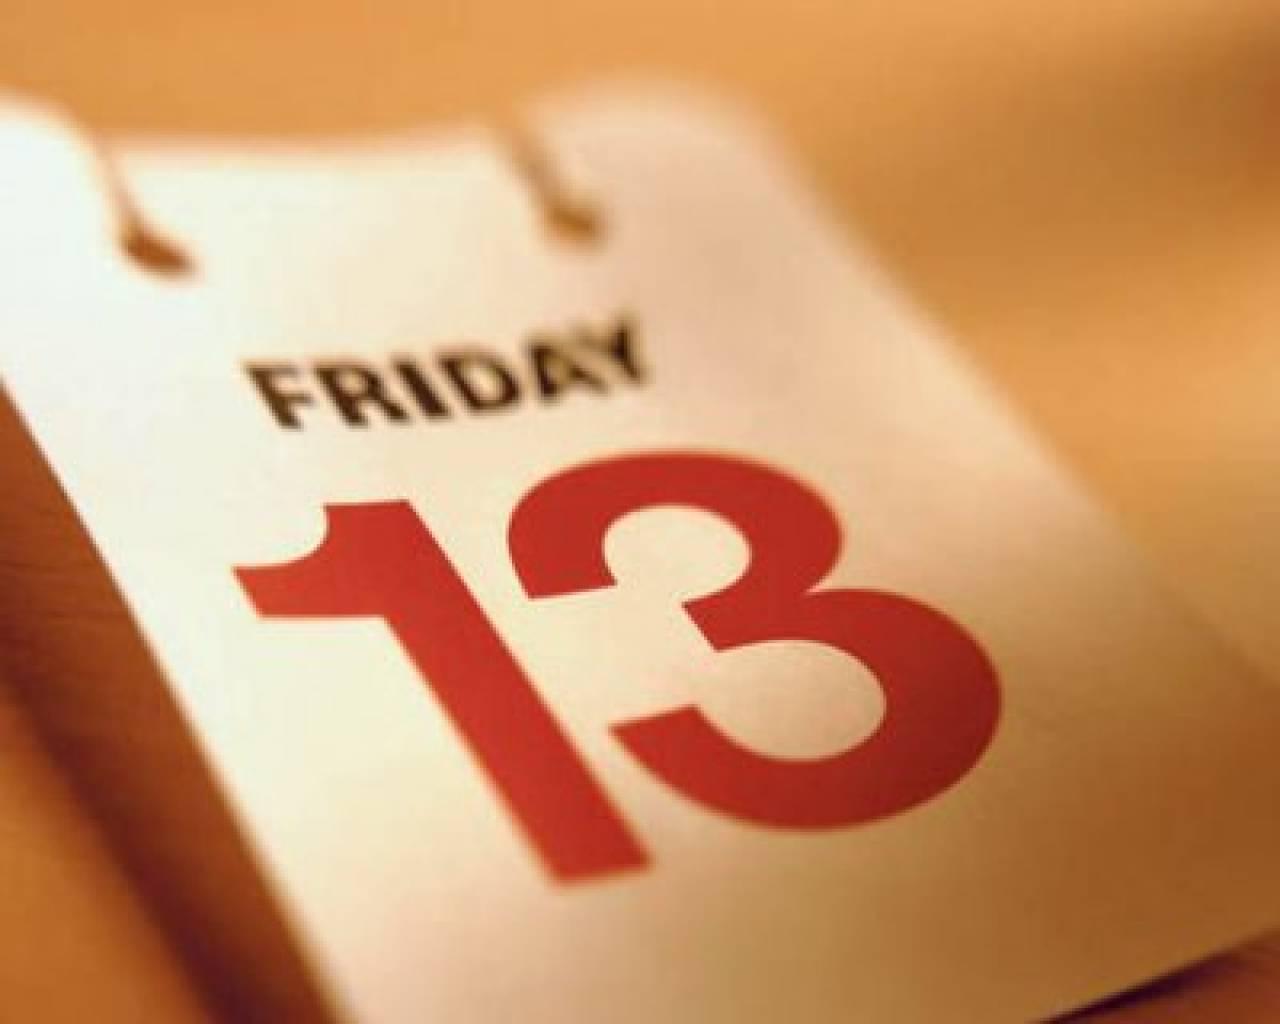 Perché Venerdì 13 è considerato un giorno sfortunato?